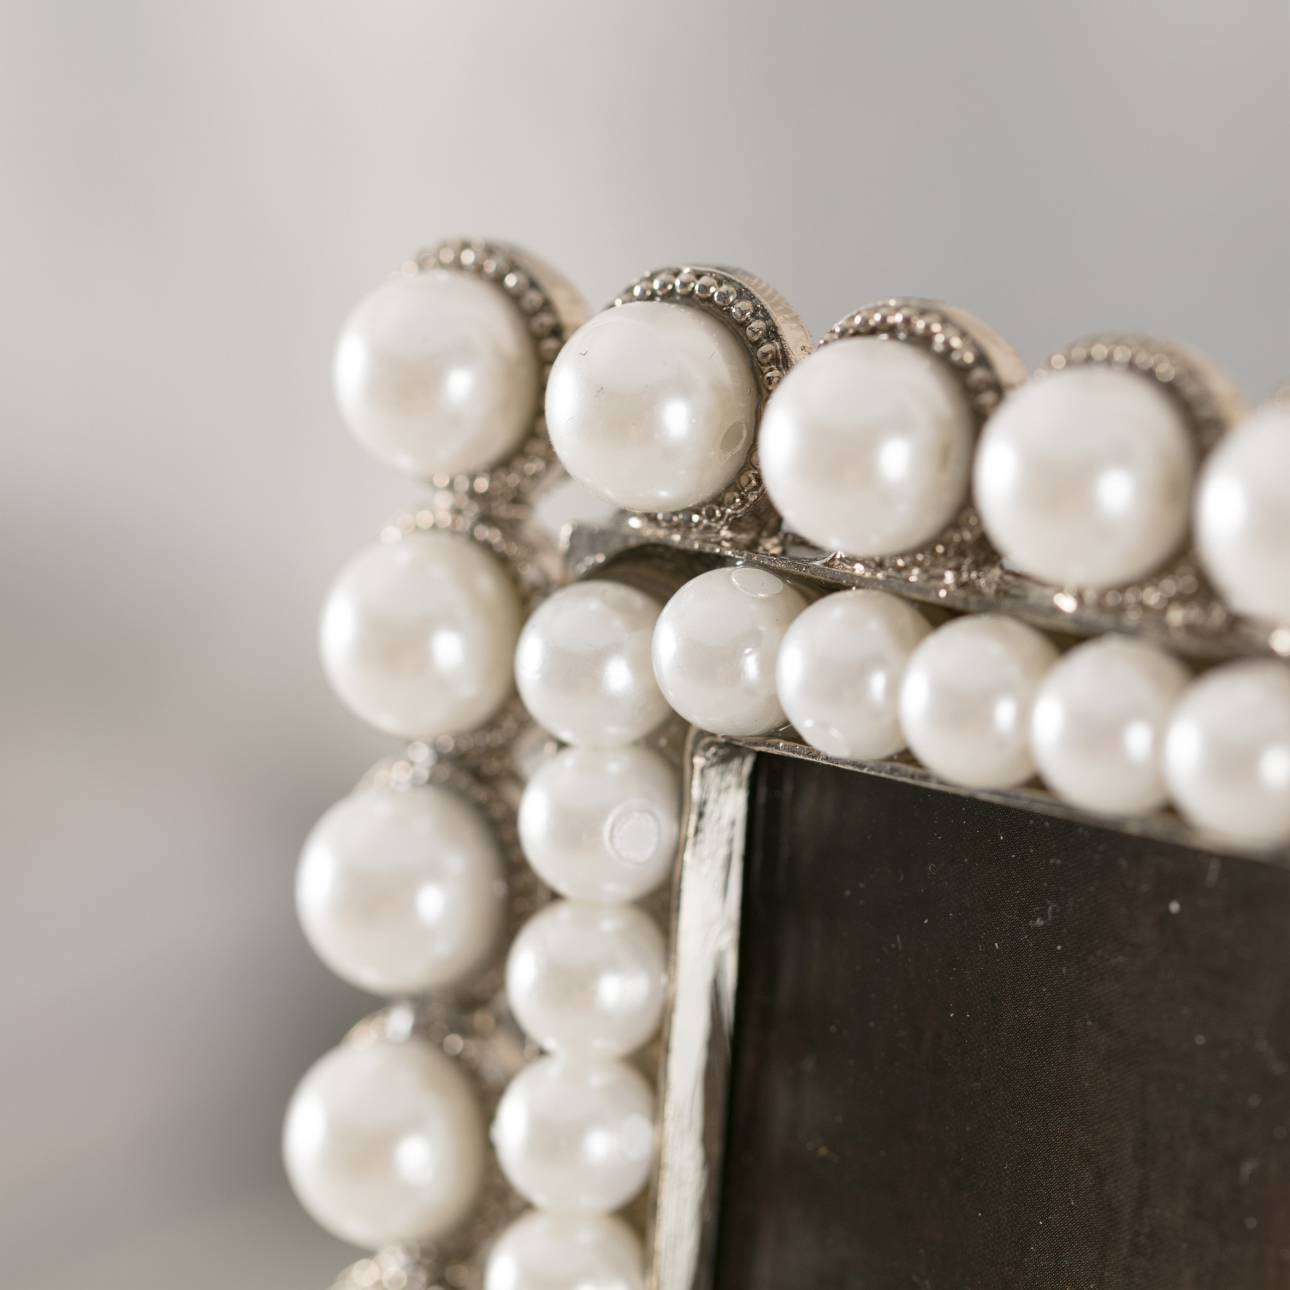 Ramka Pearl 18x23cm 19,5x18,18x23cm